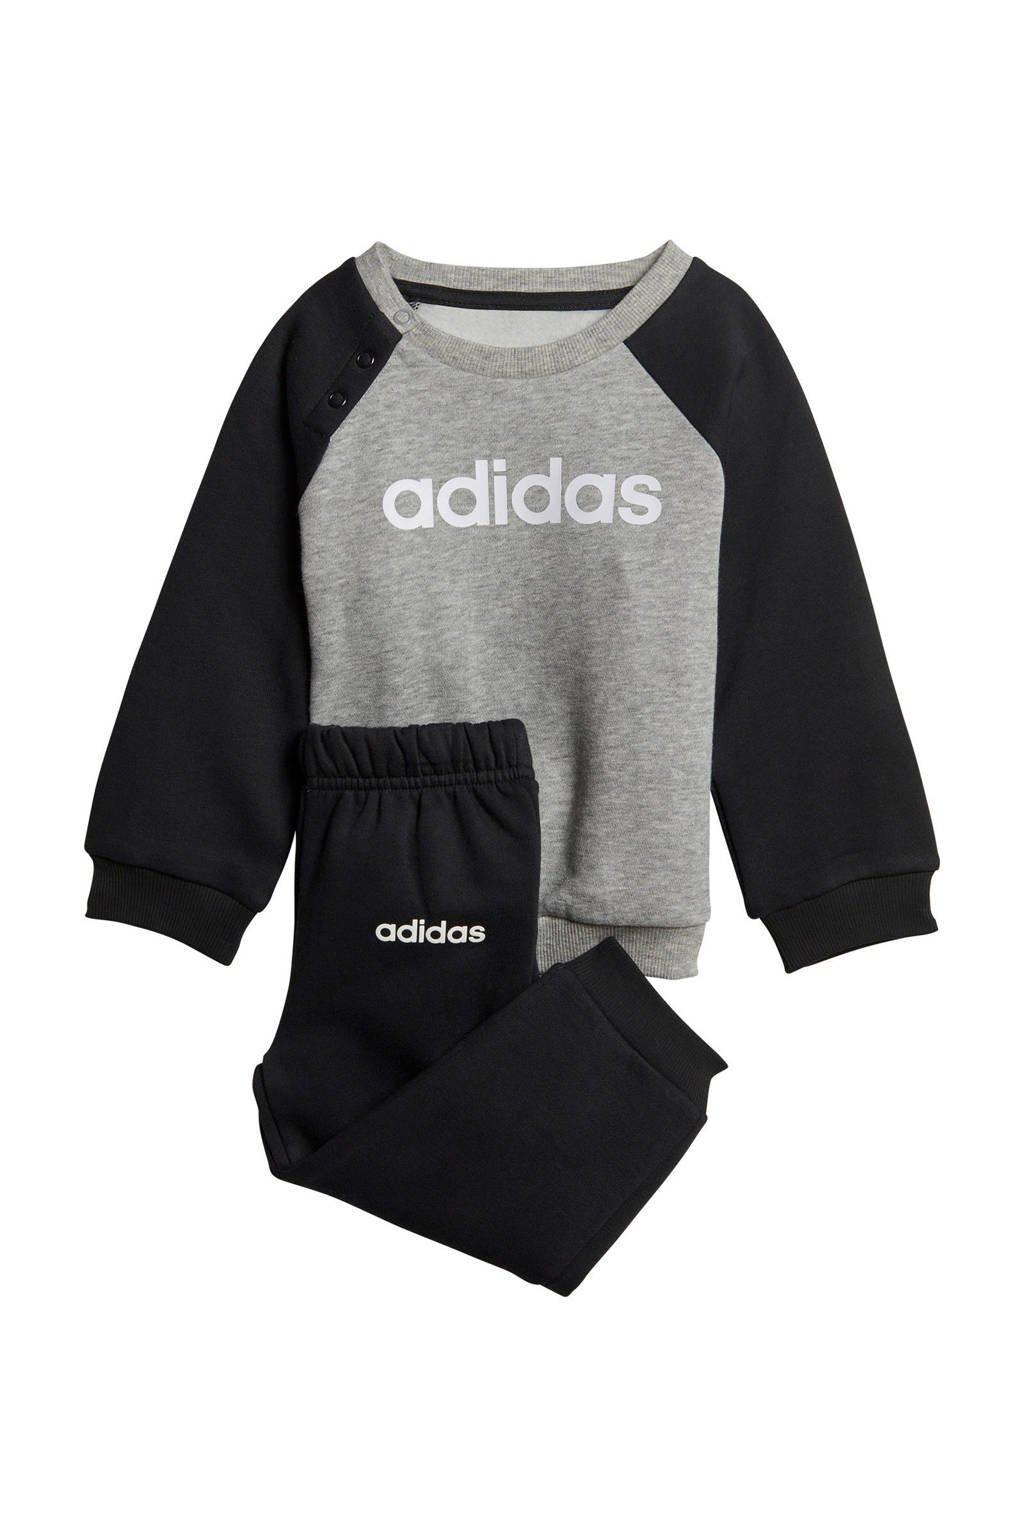 adidas   joggingpak grijs/zwart, Grijs melange/zwart